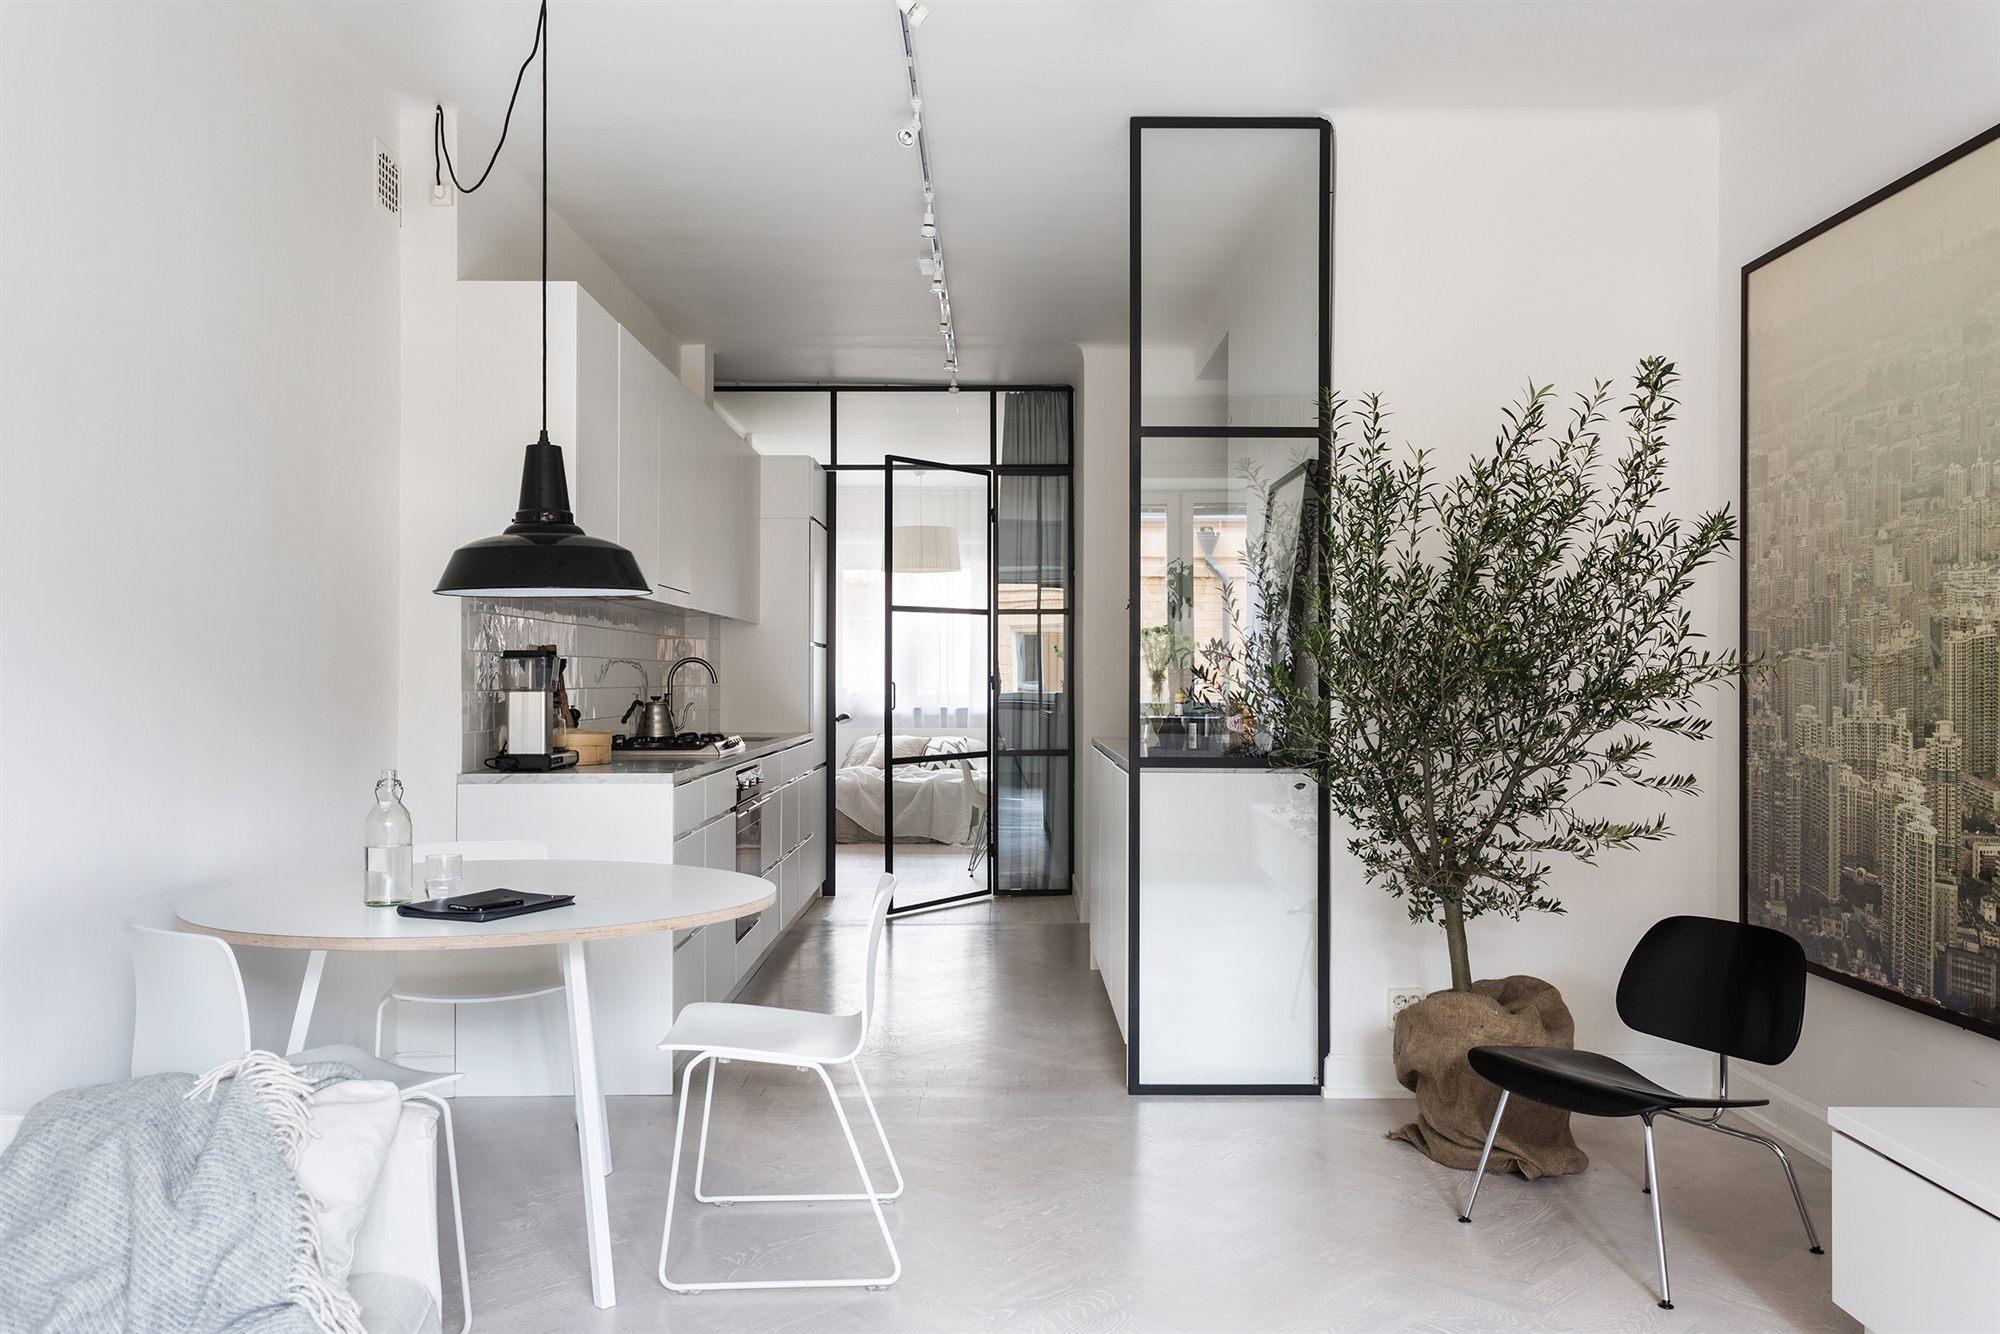 Interieur De Luxe Appartement dit appartement is ingericht als een suite van een luxe